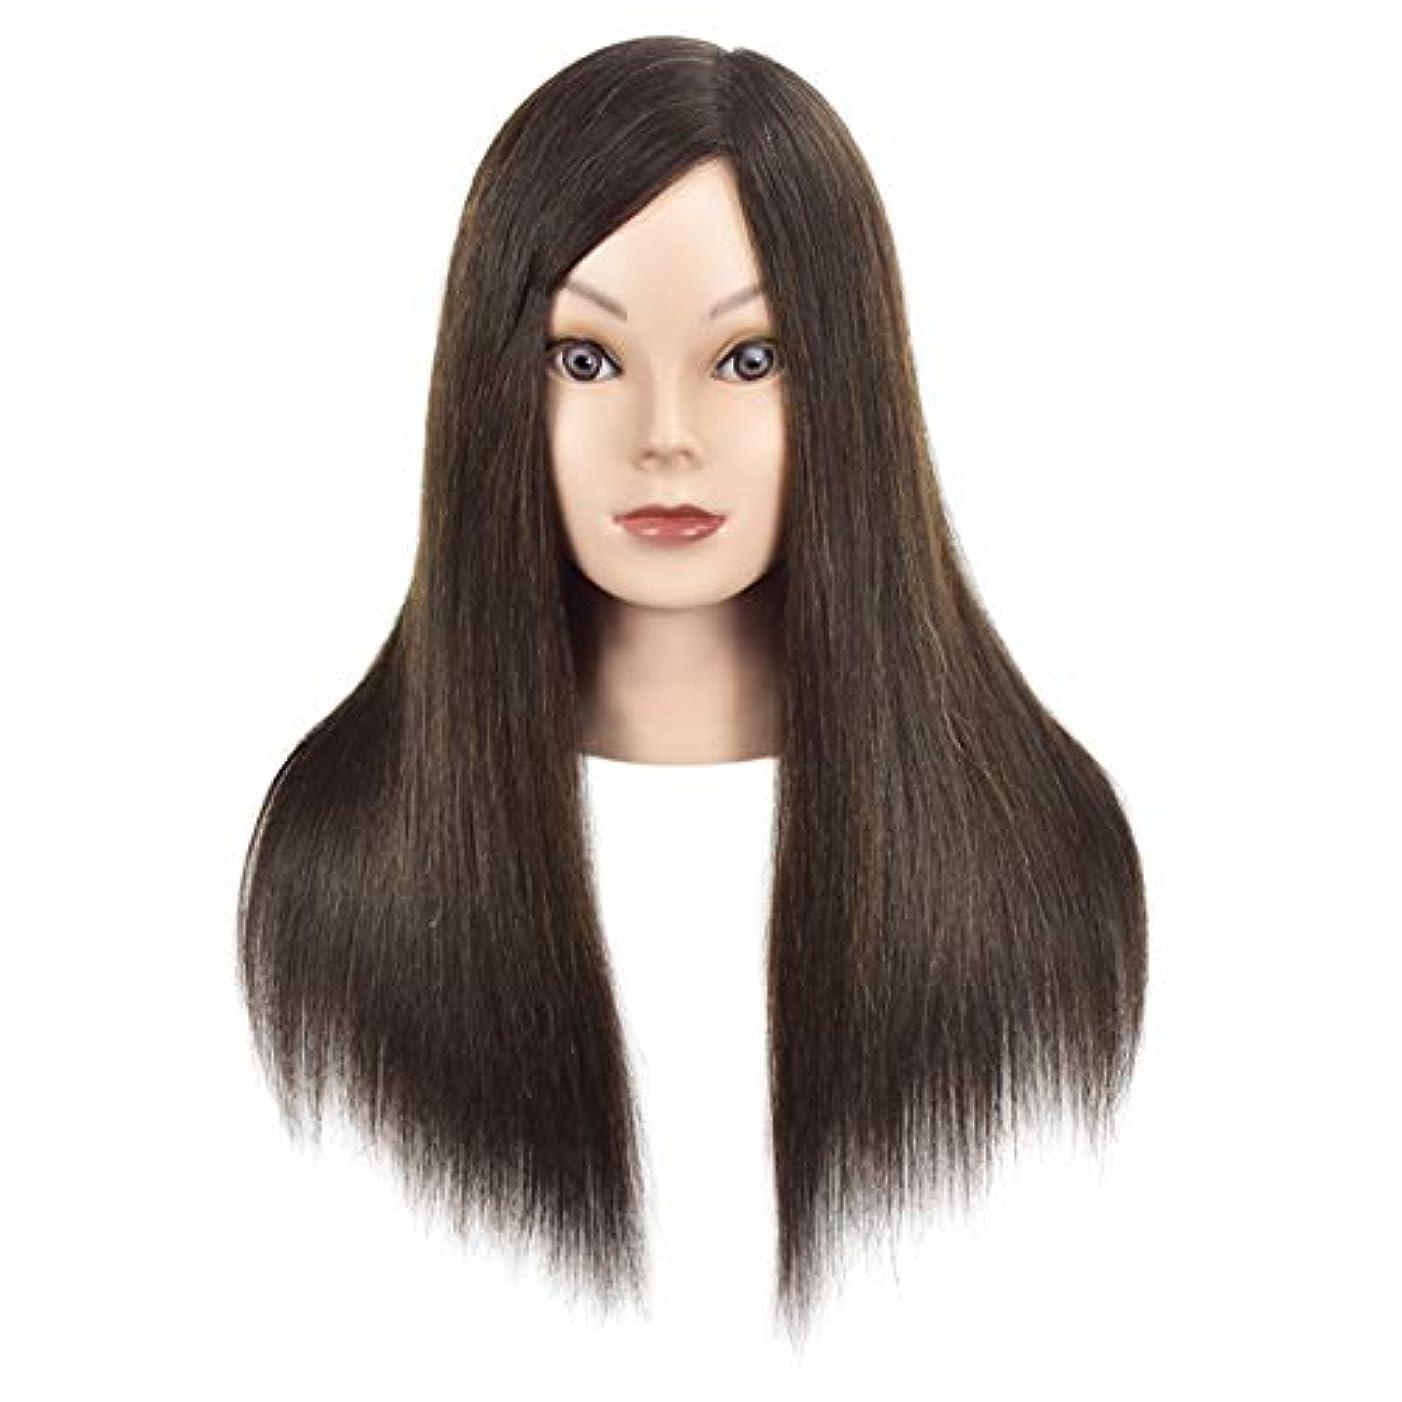 抜本的なホバーピジン理髪店トリミングヘアエクササイズヘッドモールドメイクモデリング学習マネキンダミーヘッドブラック